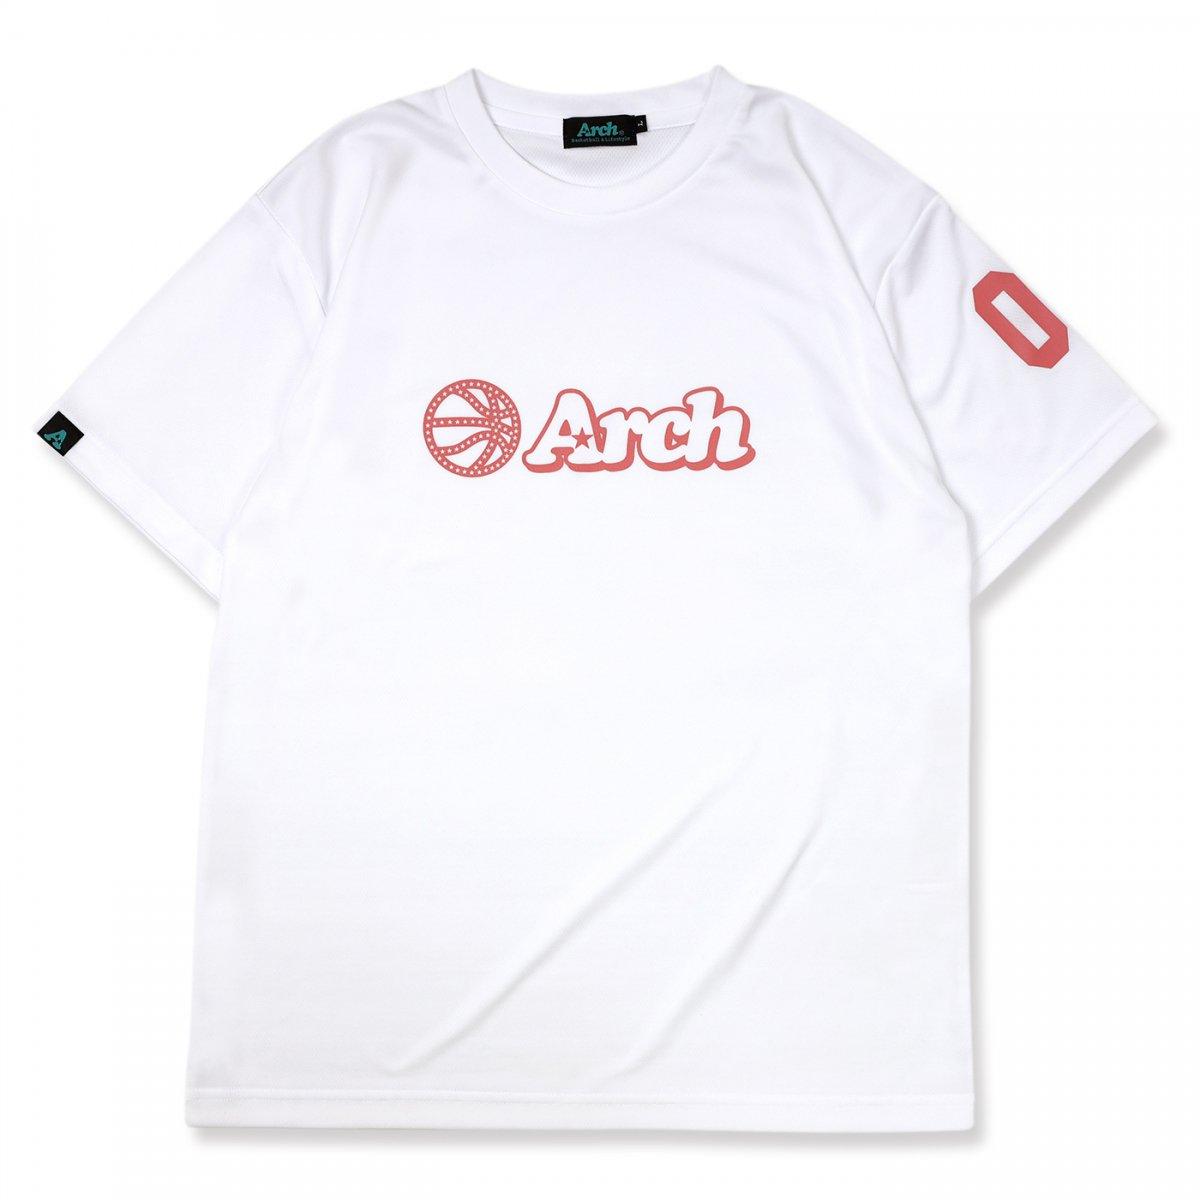 バスケ アーチ ボール ロゴ Tシャツ ホワイト/ピンク